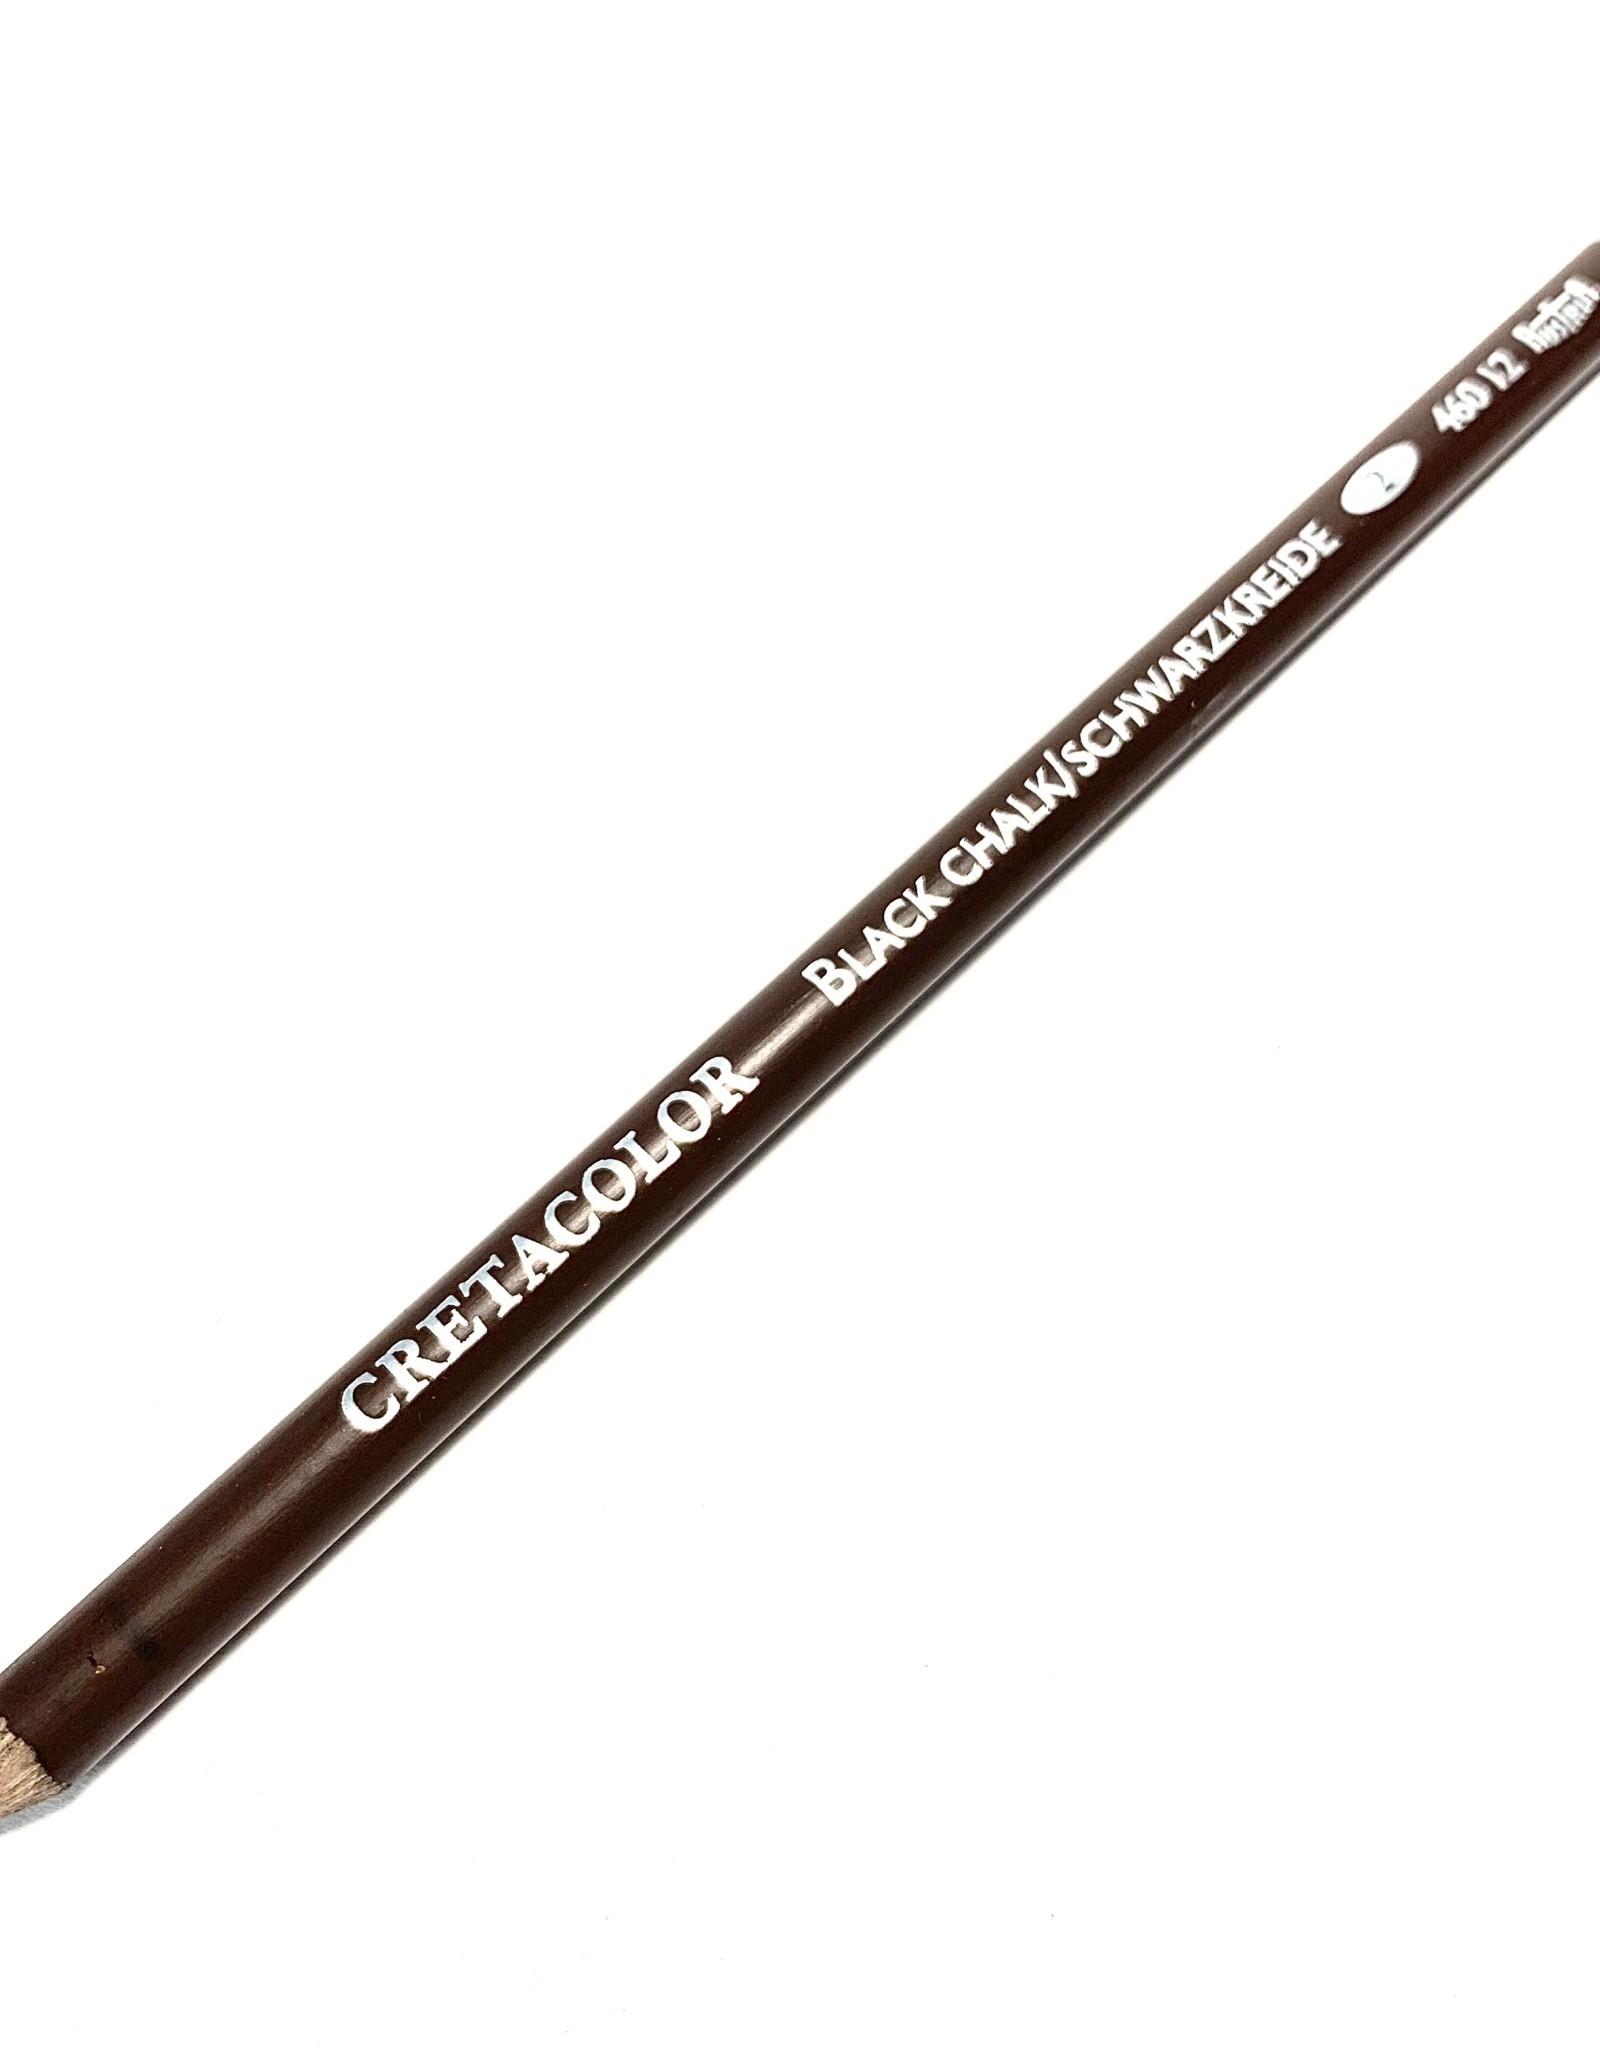 Cretacolor Artist Pencil, Black Chalk